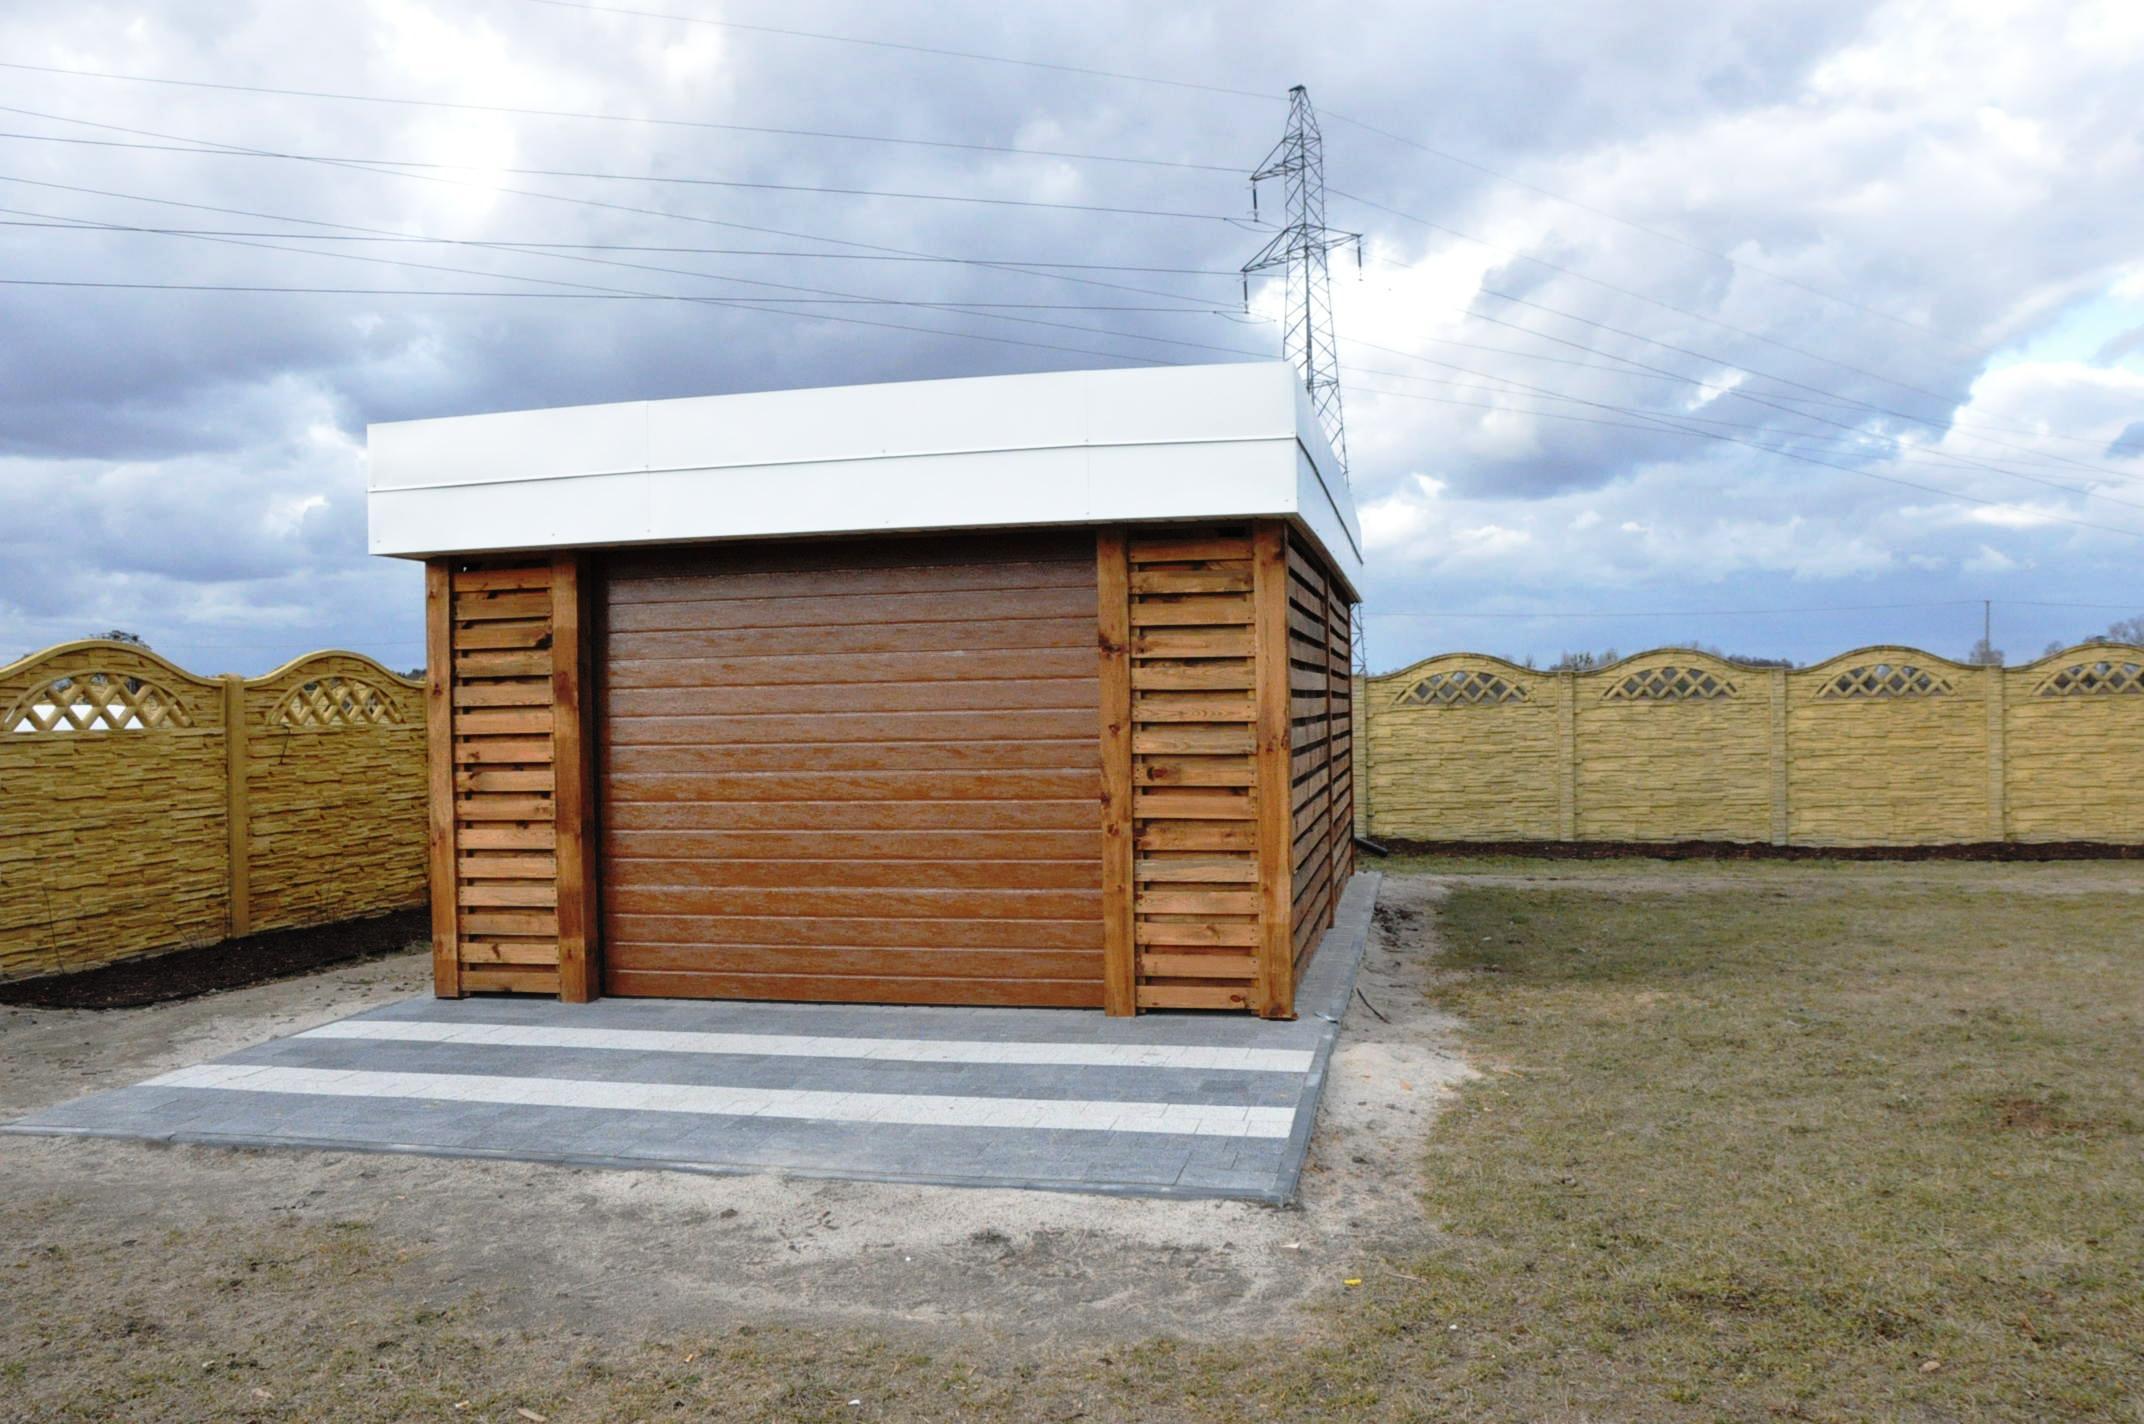 garaż drewniany , nowoczesny garaż drewniany